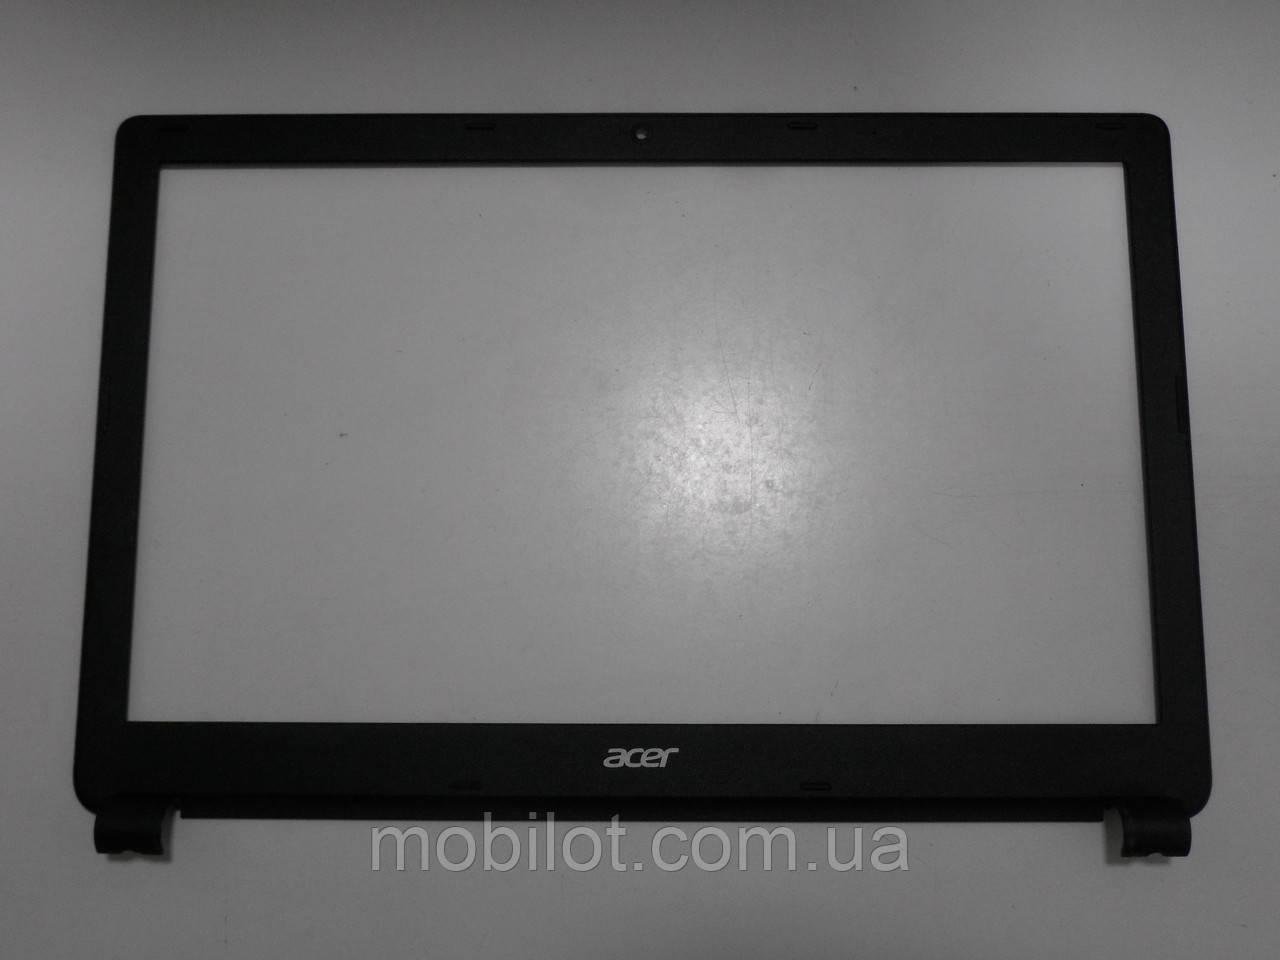 Корпус Acer E1-522 (NZ-8316)